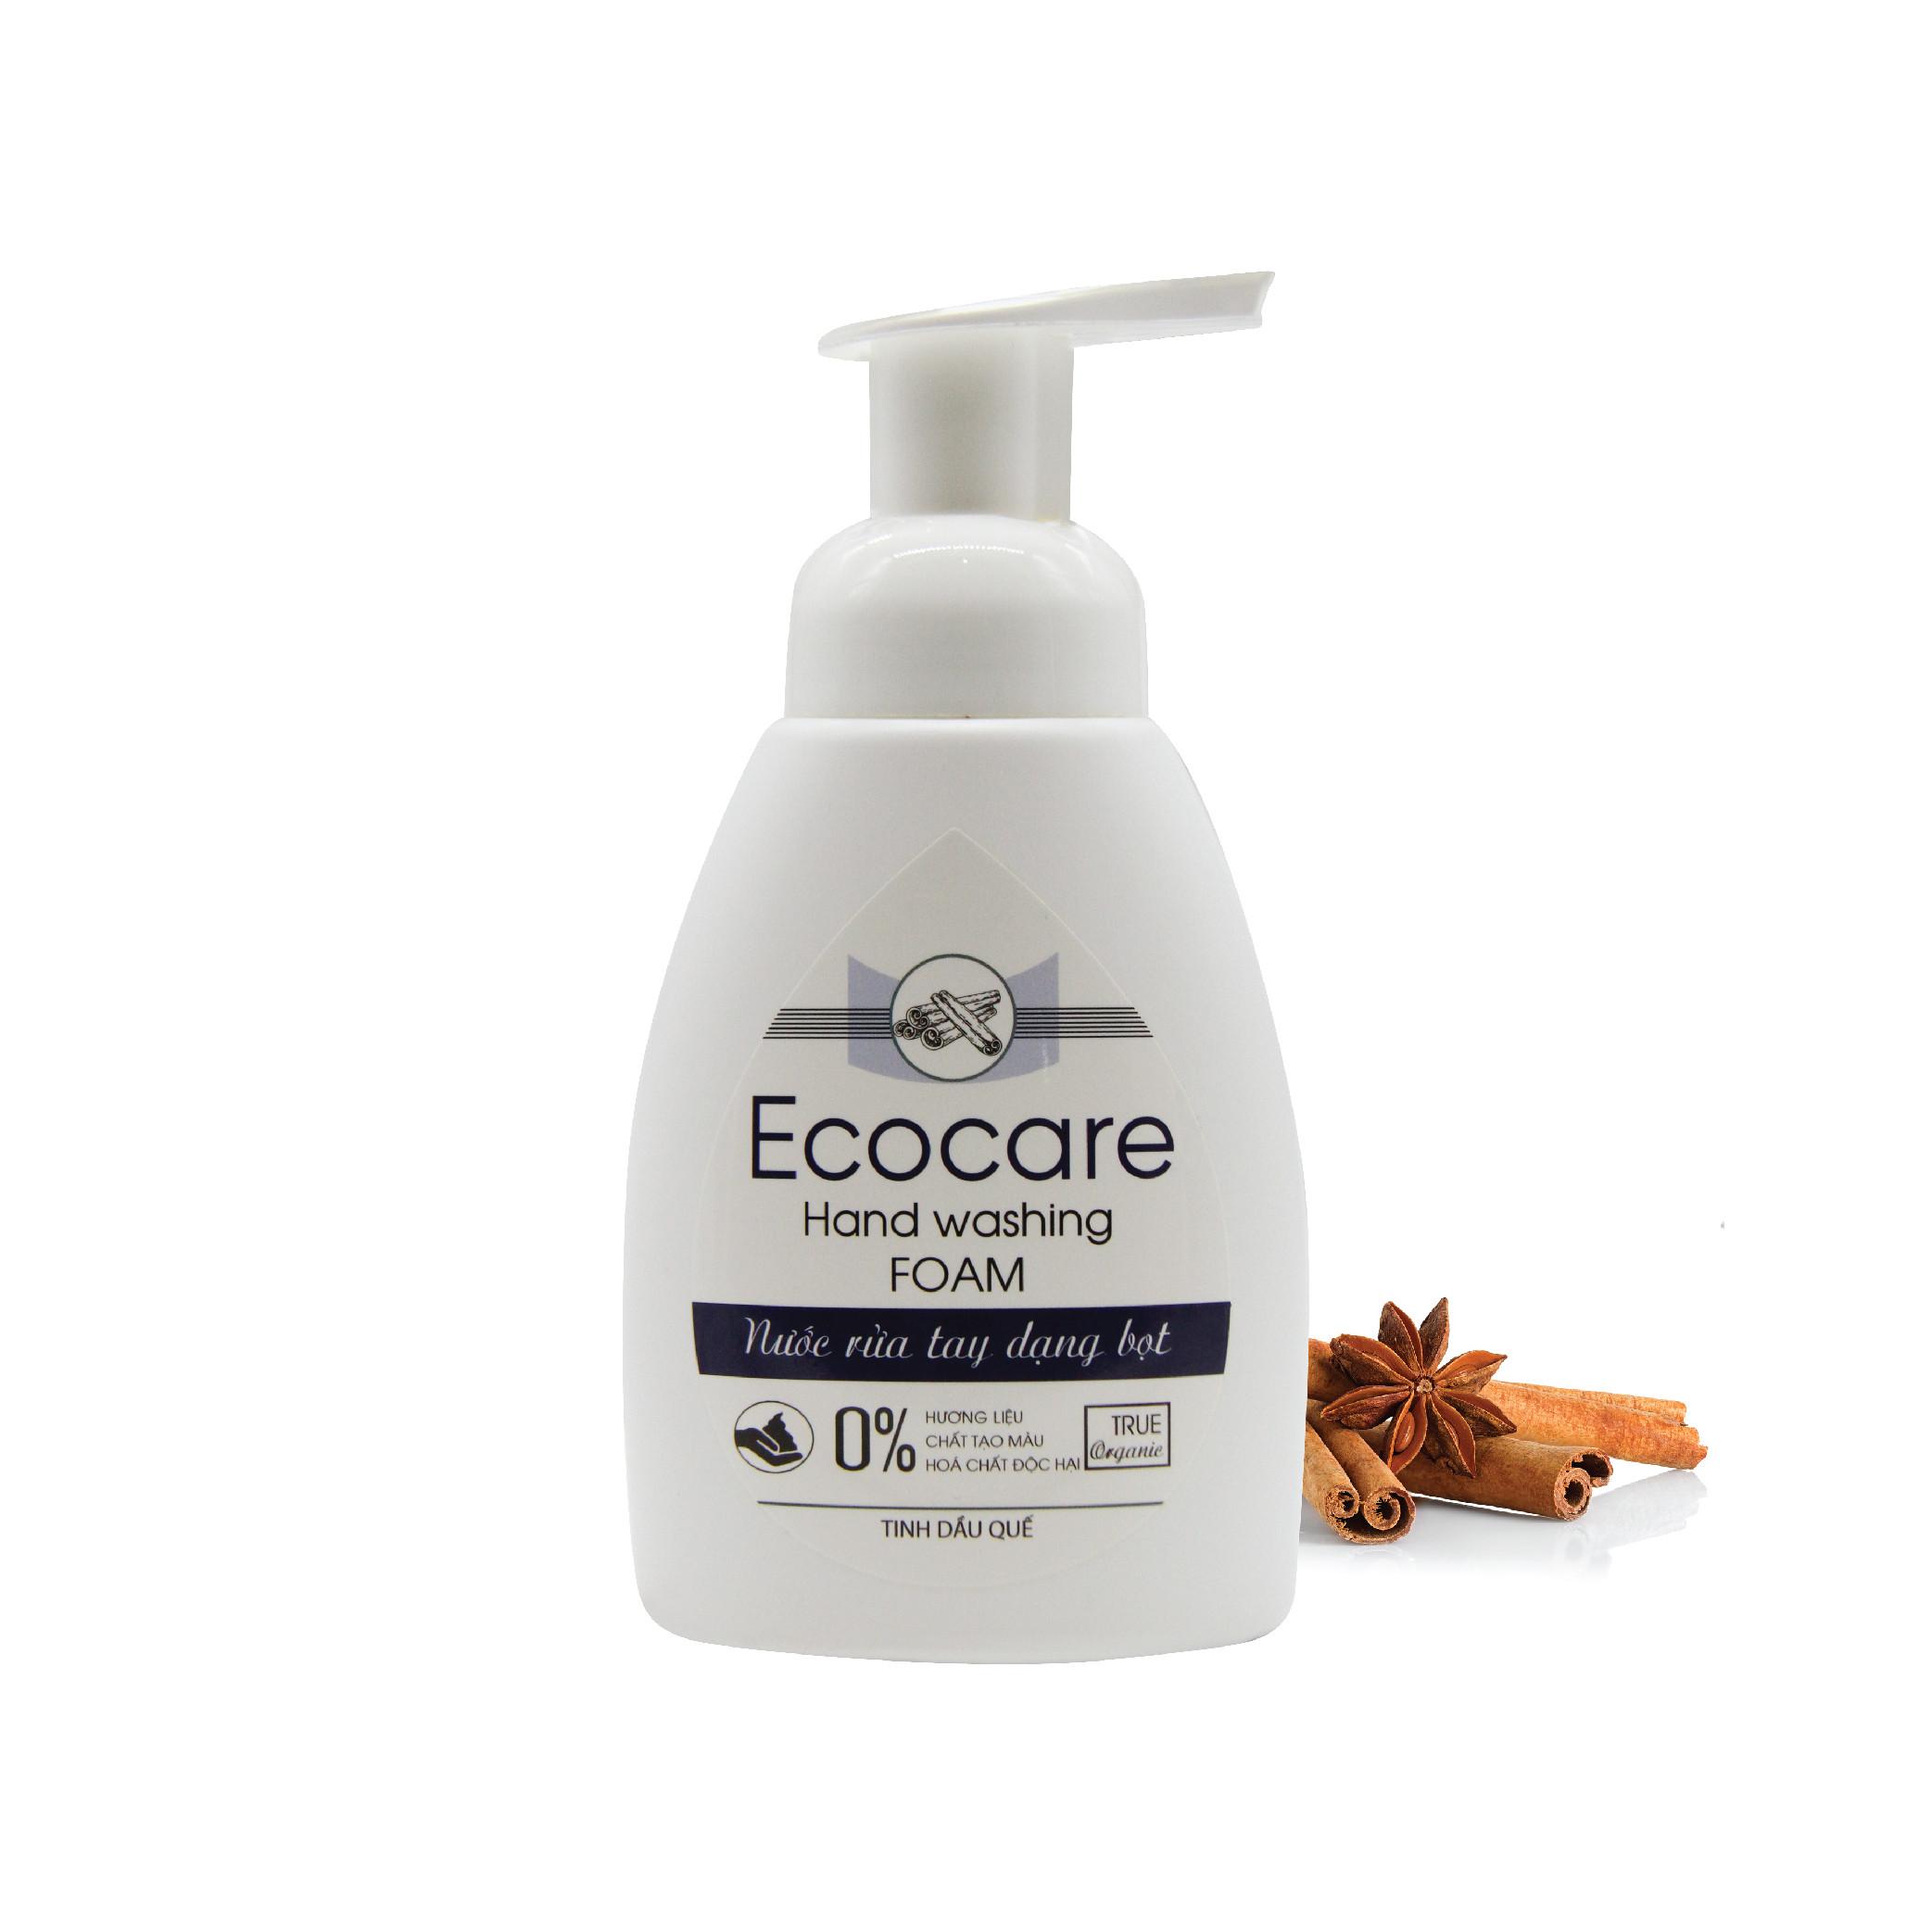 Nước rửa tay hữu cơ diệt khuẩn dạng bọt tinh dầu Quế 250ml thương hiệu Ecocare - 23154470 , 2069804404207 , 62_10732017 , 70000 , Nuoc-rua-tay-huu-co-diet-khuan-dang-bot-tinh-dau-Que-250ml-thuong-hieu-Ecocare-62_10732017 , tiki.vn , Nước rửa tay hữu cơ diệt khuẩn dạng bọt tinh dầu Quế 250ml thương hiệu Ecocare